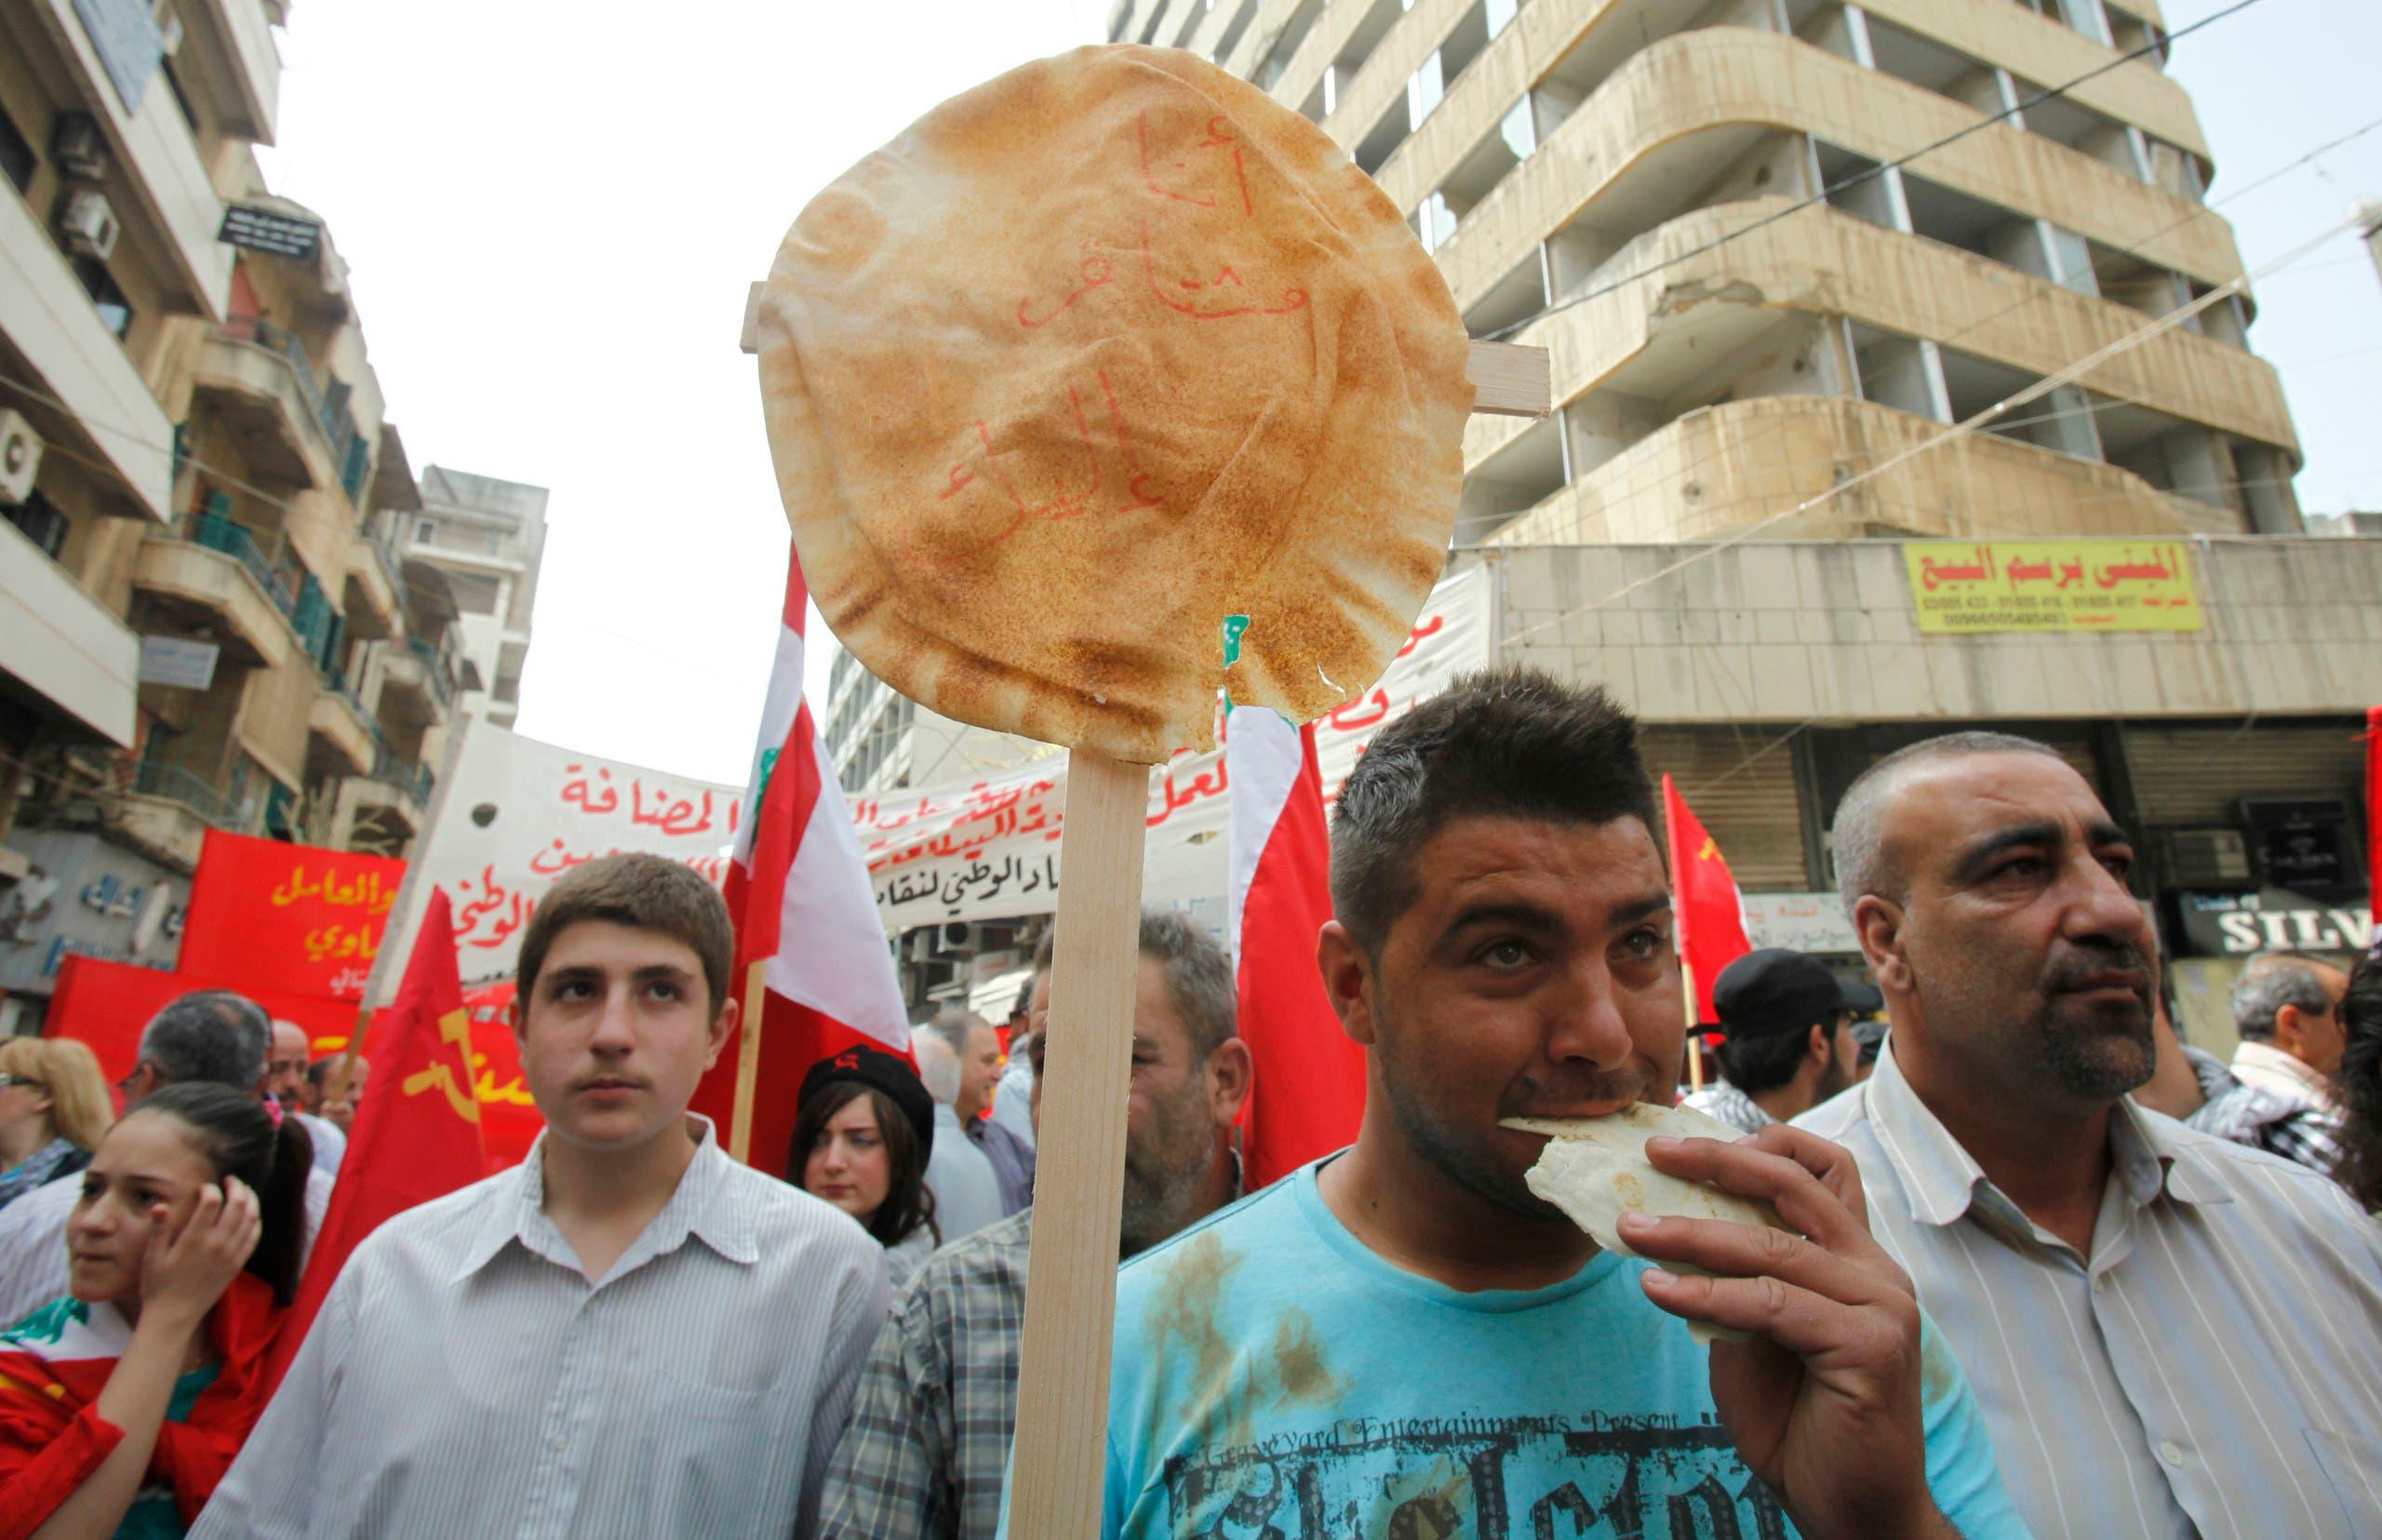 لبناني يتظاهر حاملا رغيف خبر للتنديد بالأزمة المعيشية